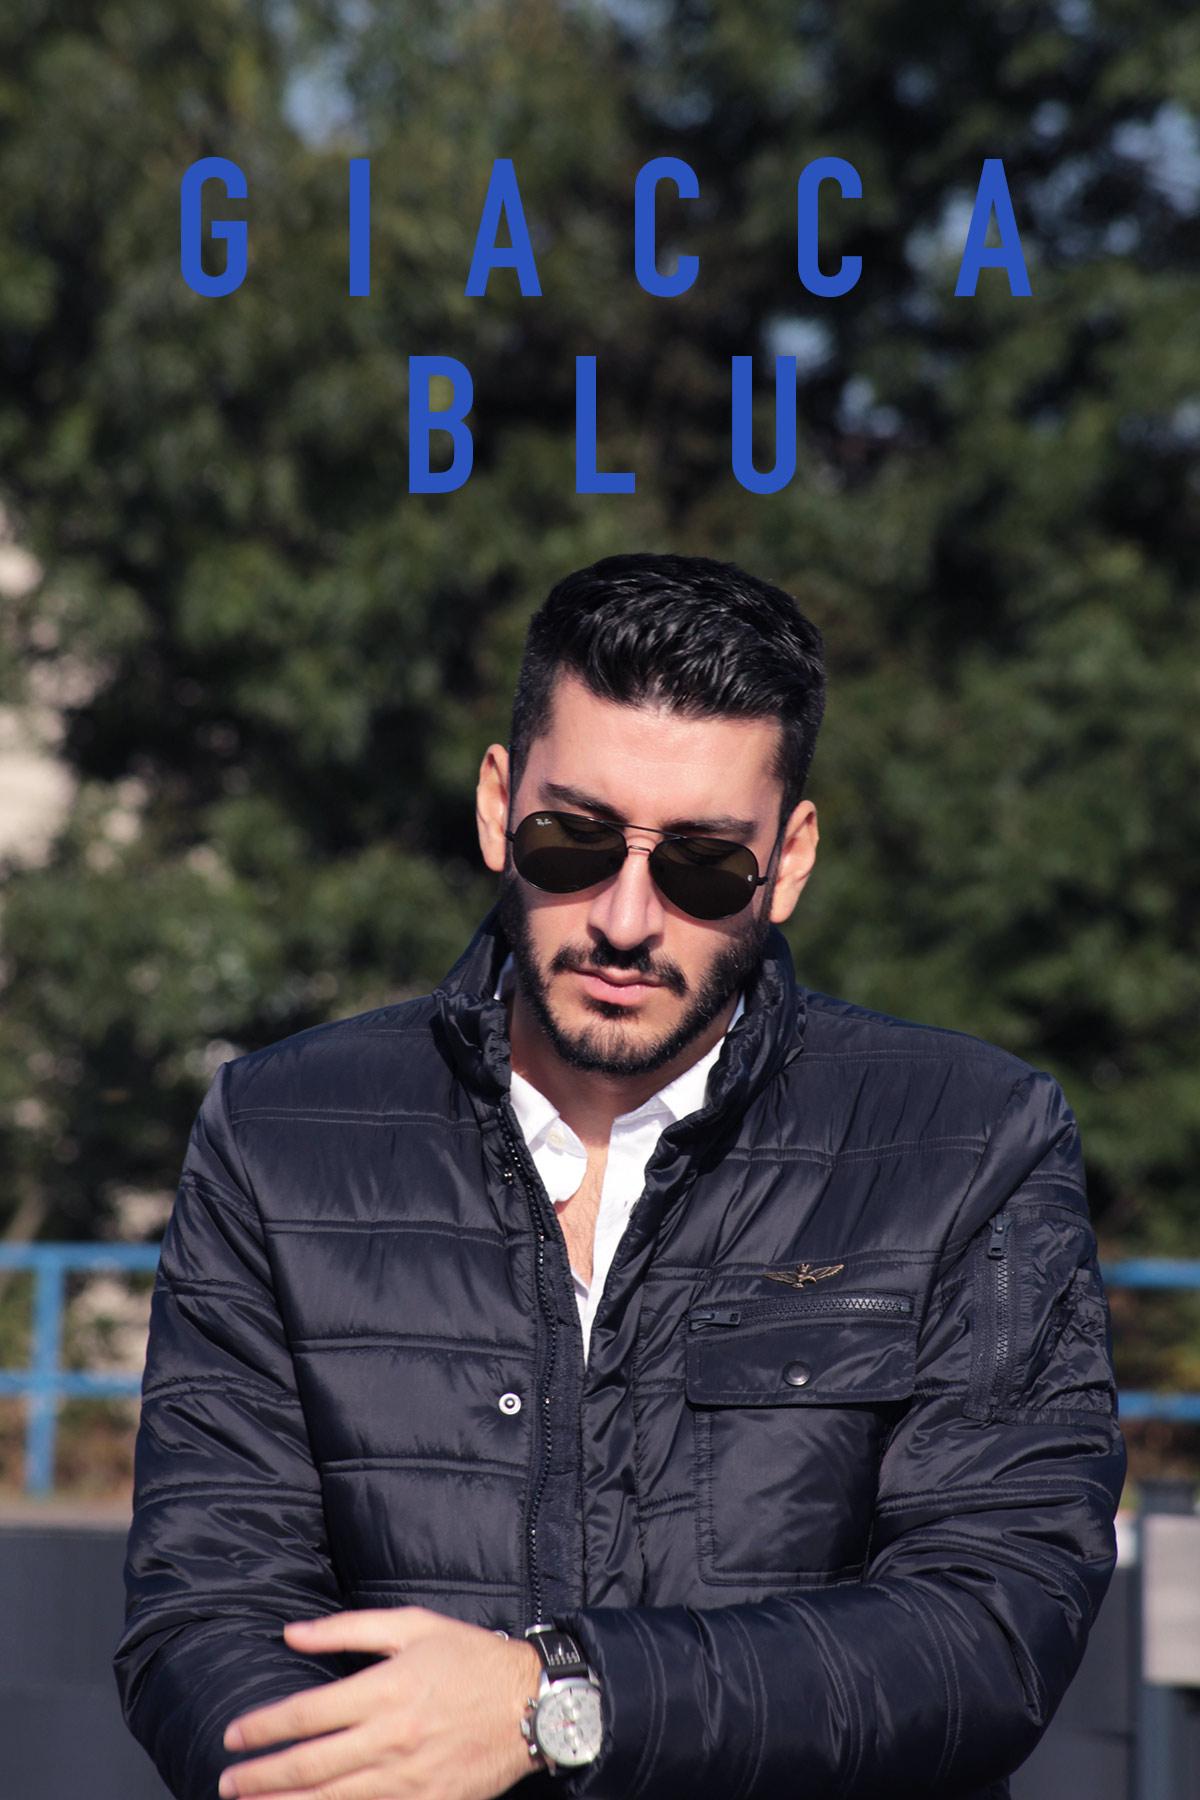 giacca_blu_01